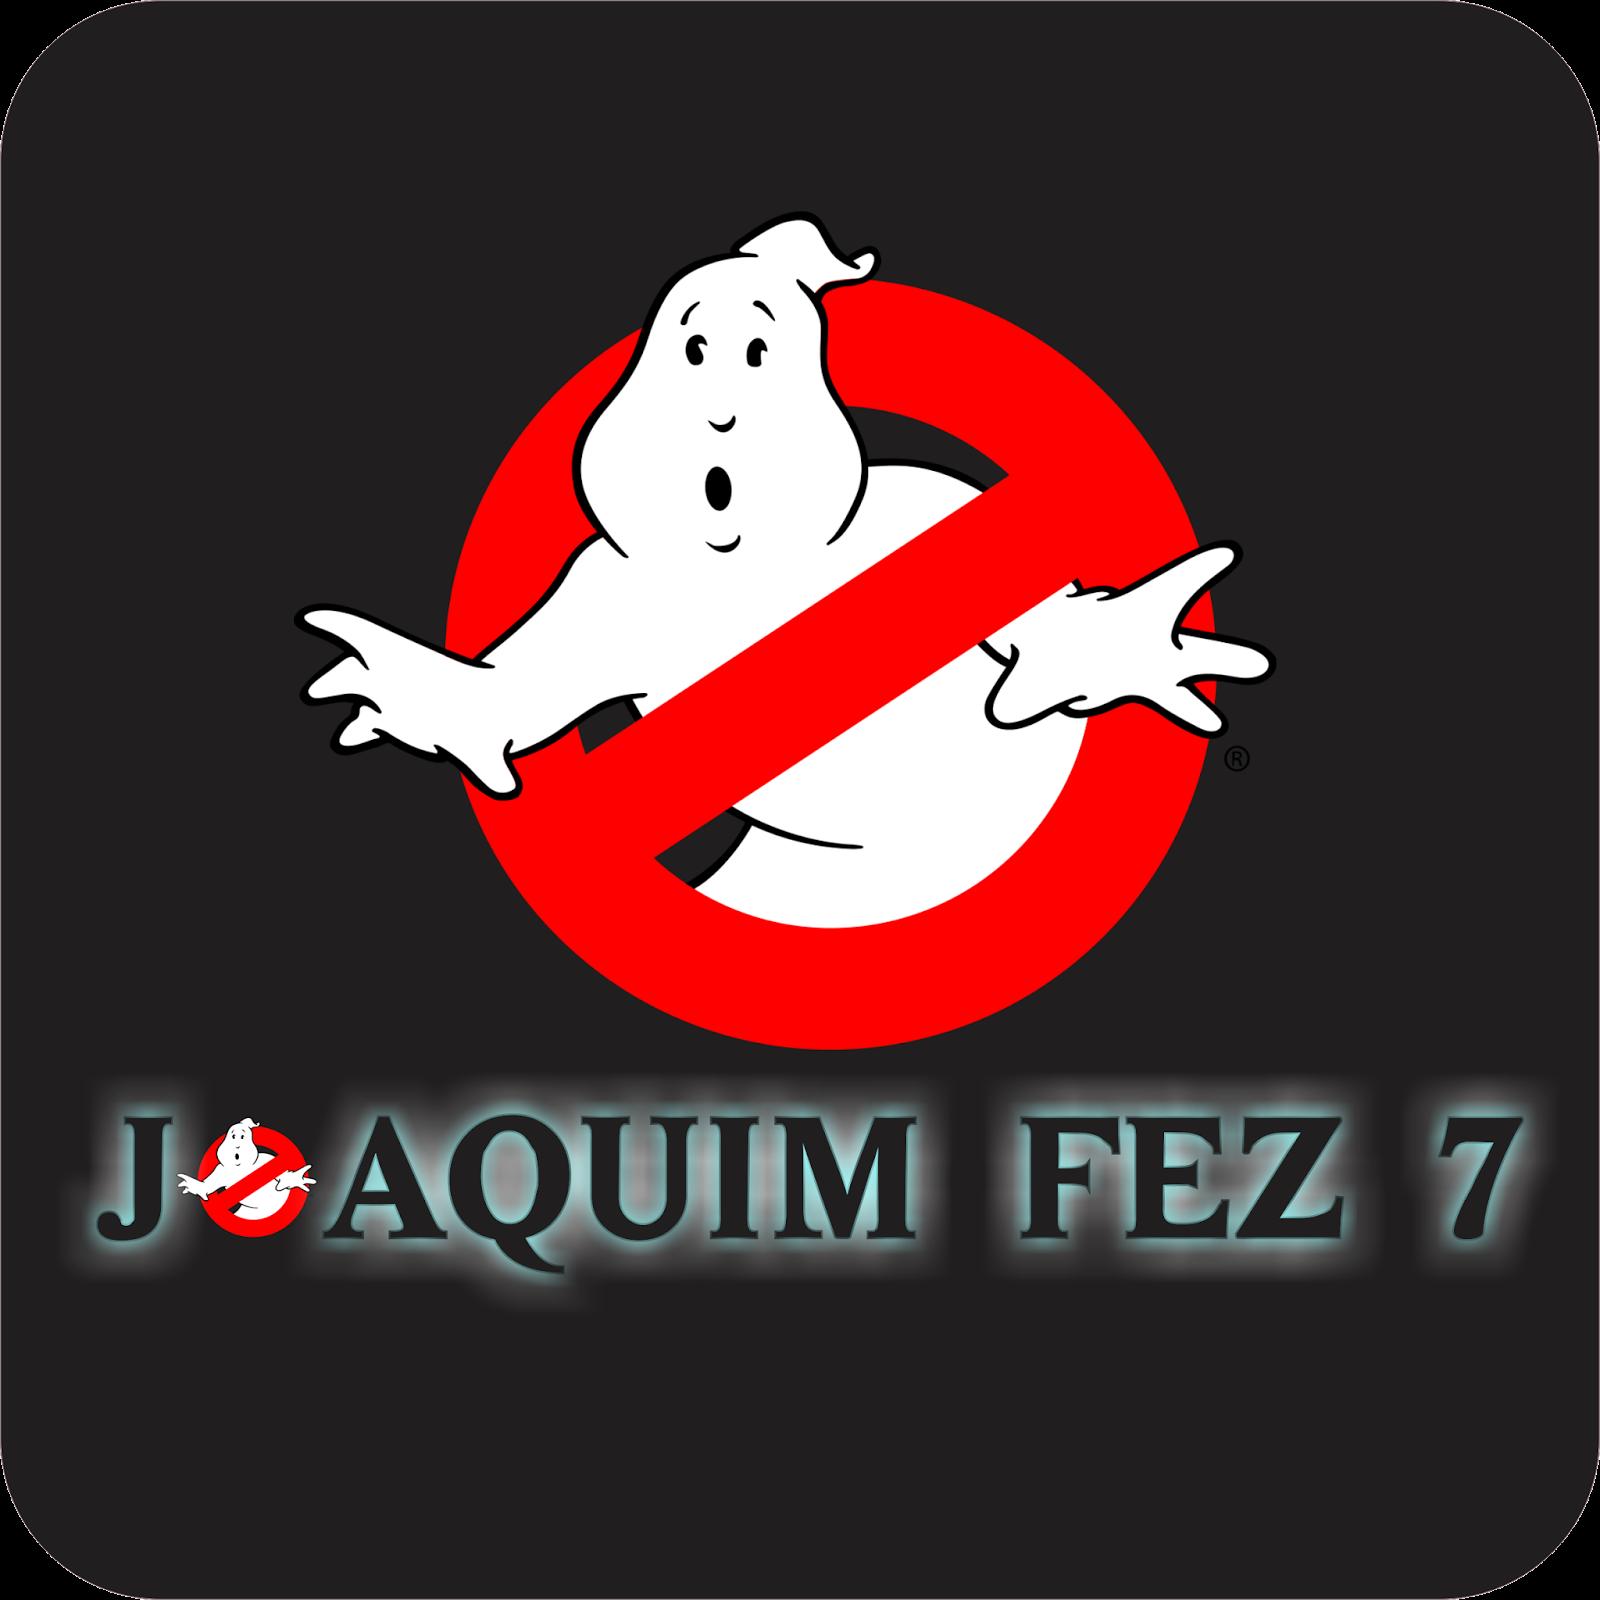 https://fruipartis.blogspot.com.br/2017/04/caca-fantasmas-joaquim.html